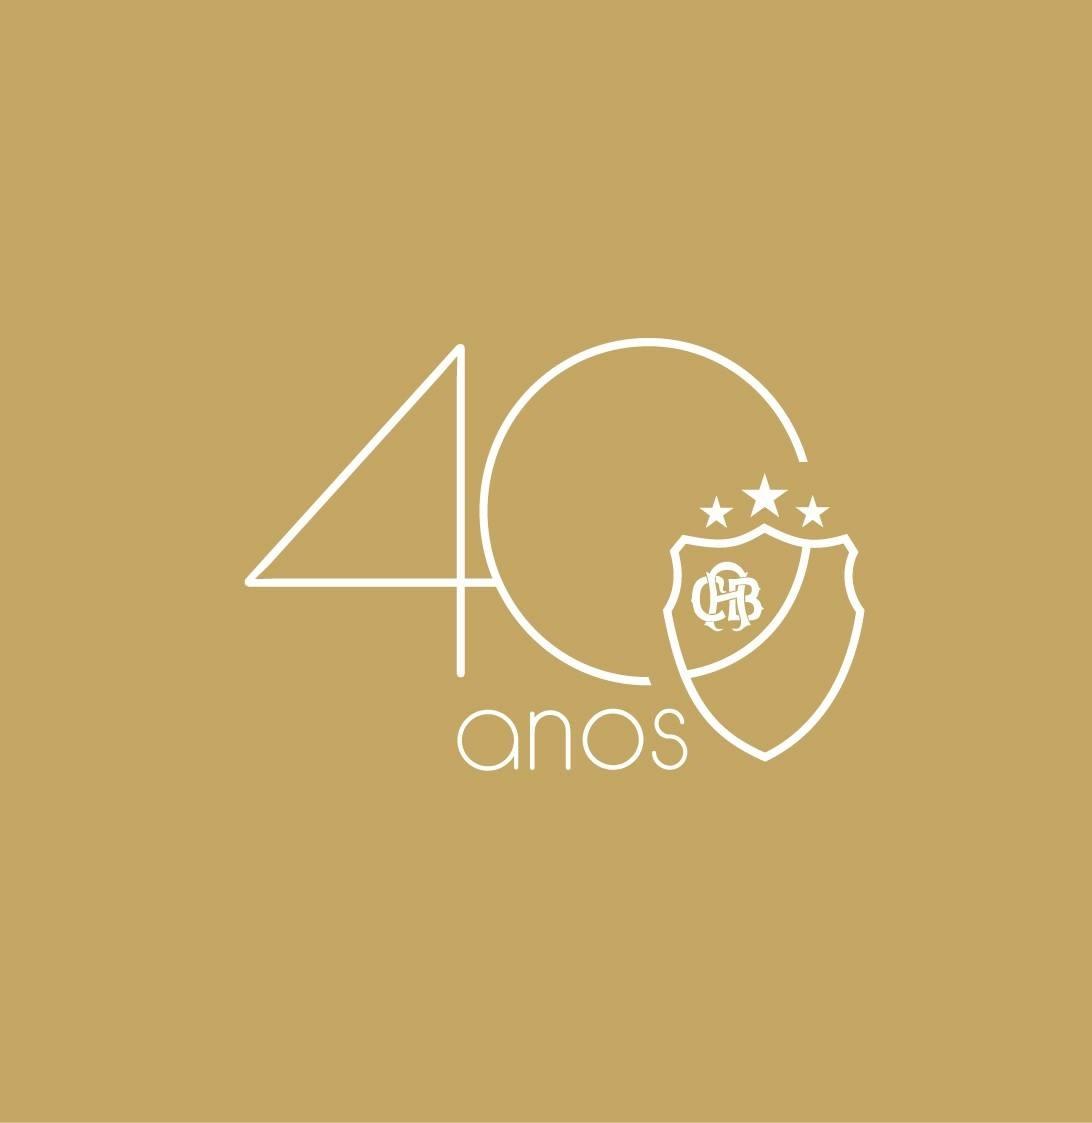 40 anos de Futsal